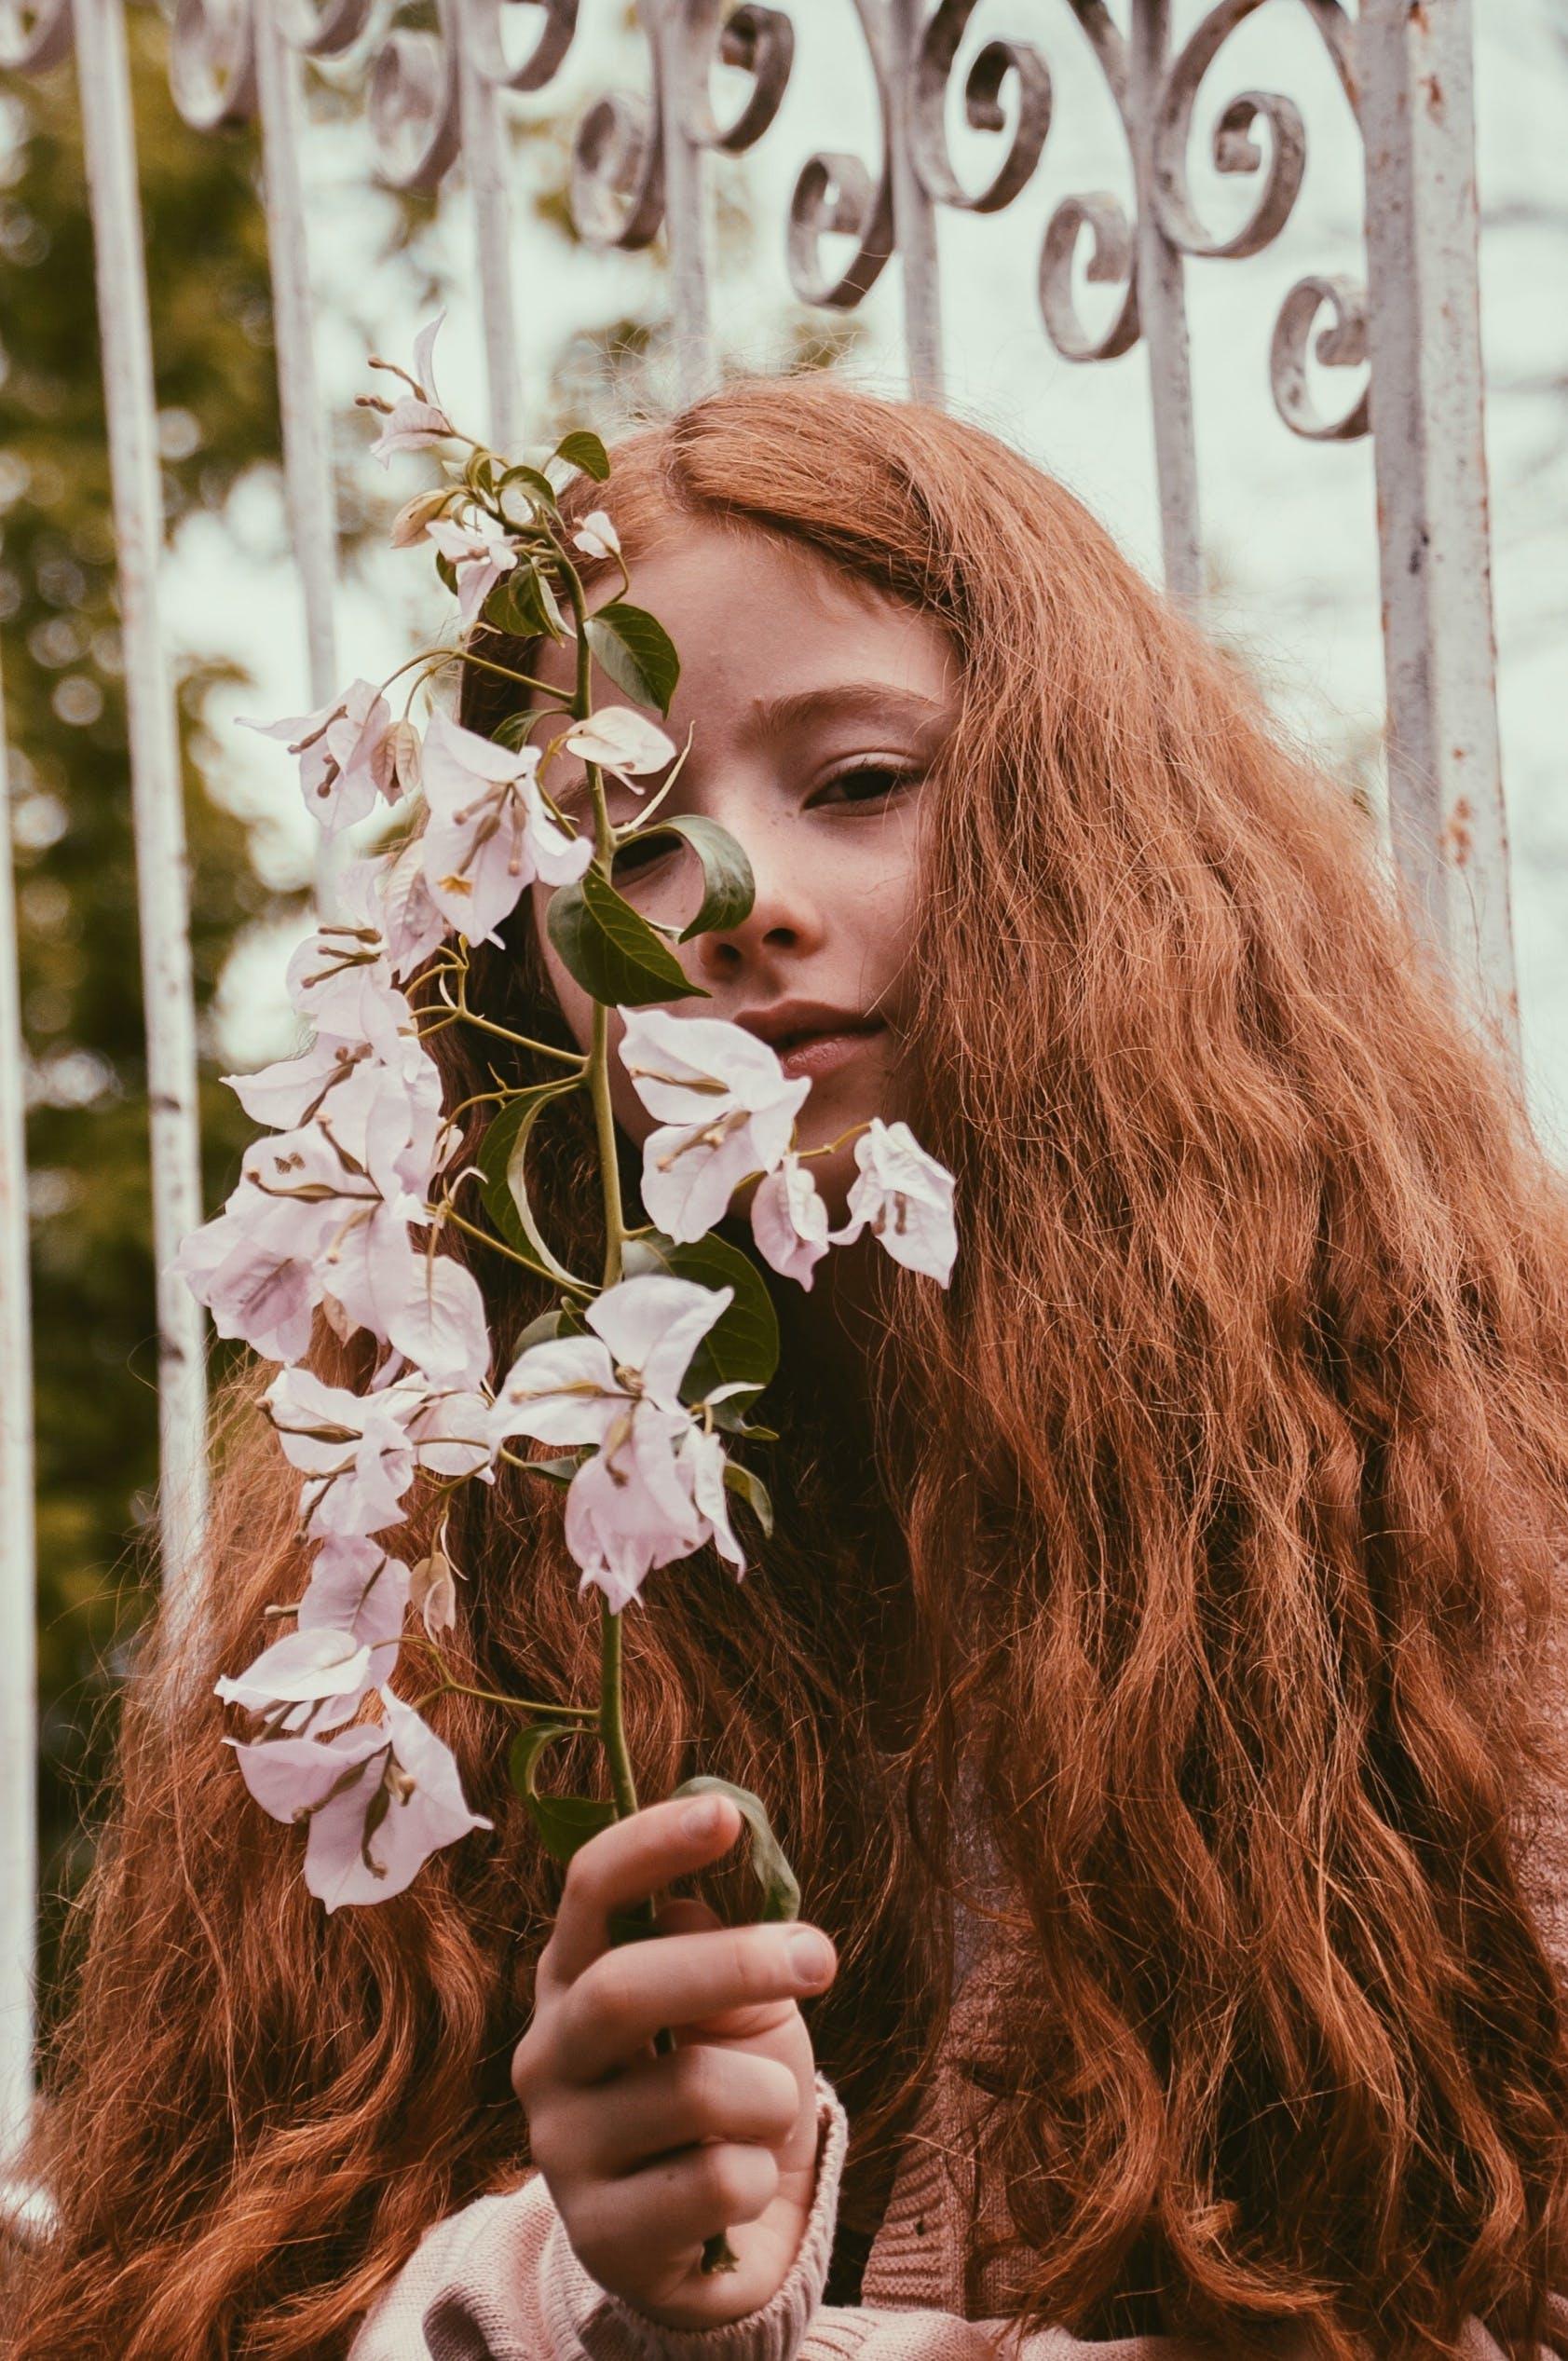 Girl Holding White-petaled Flowers